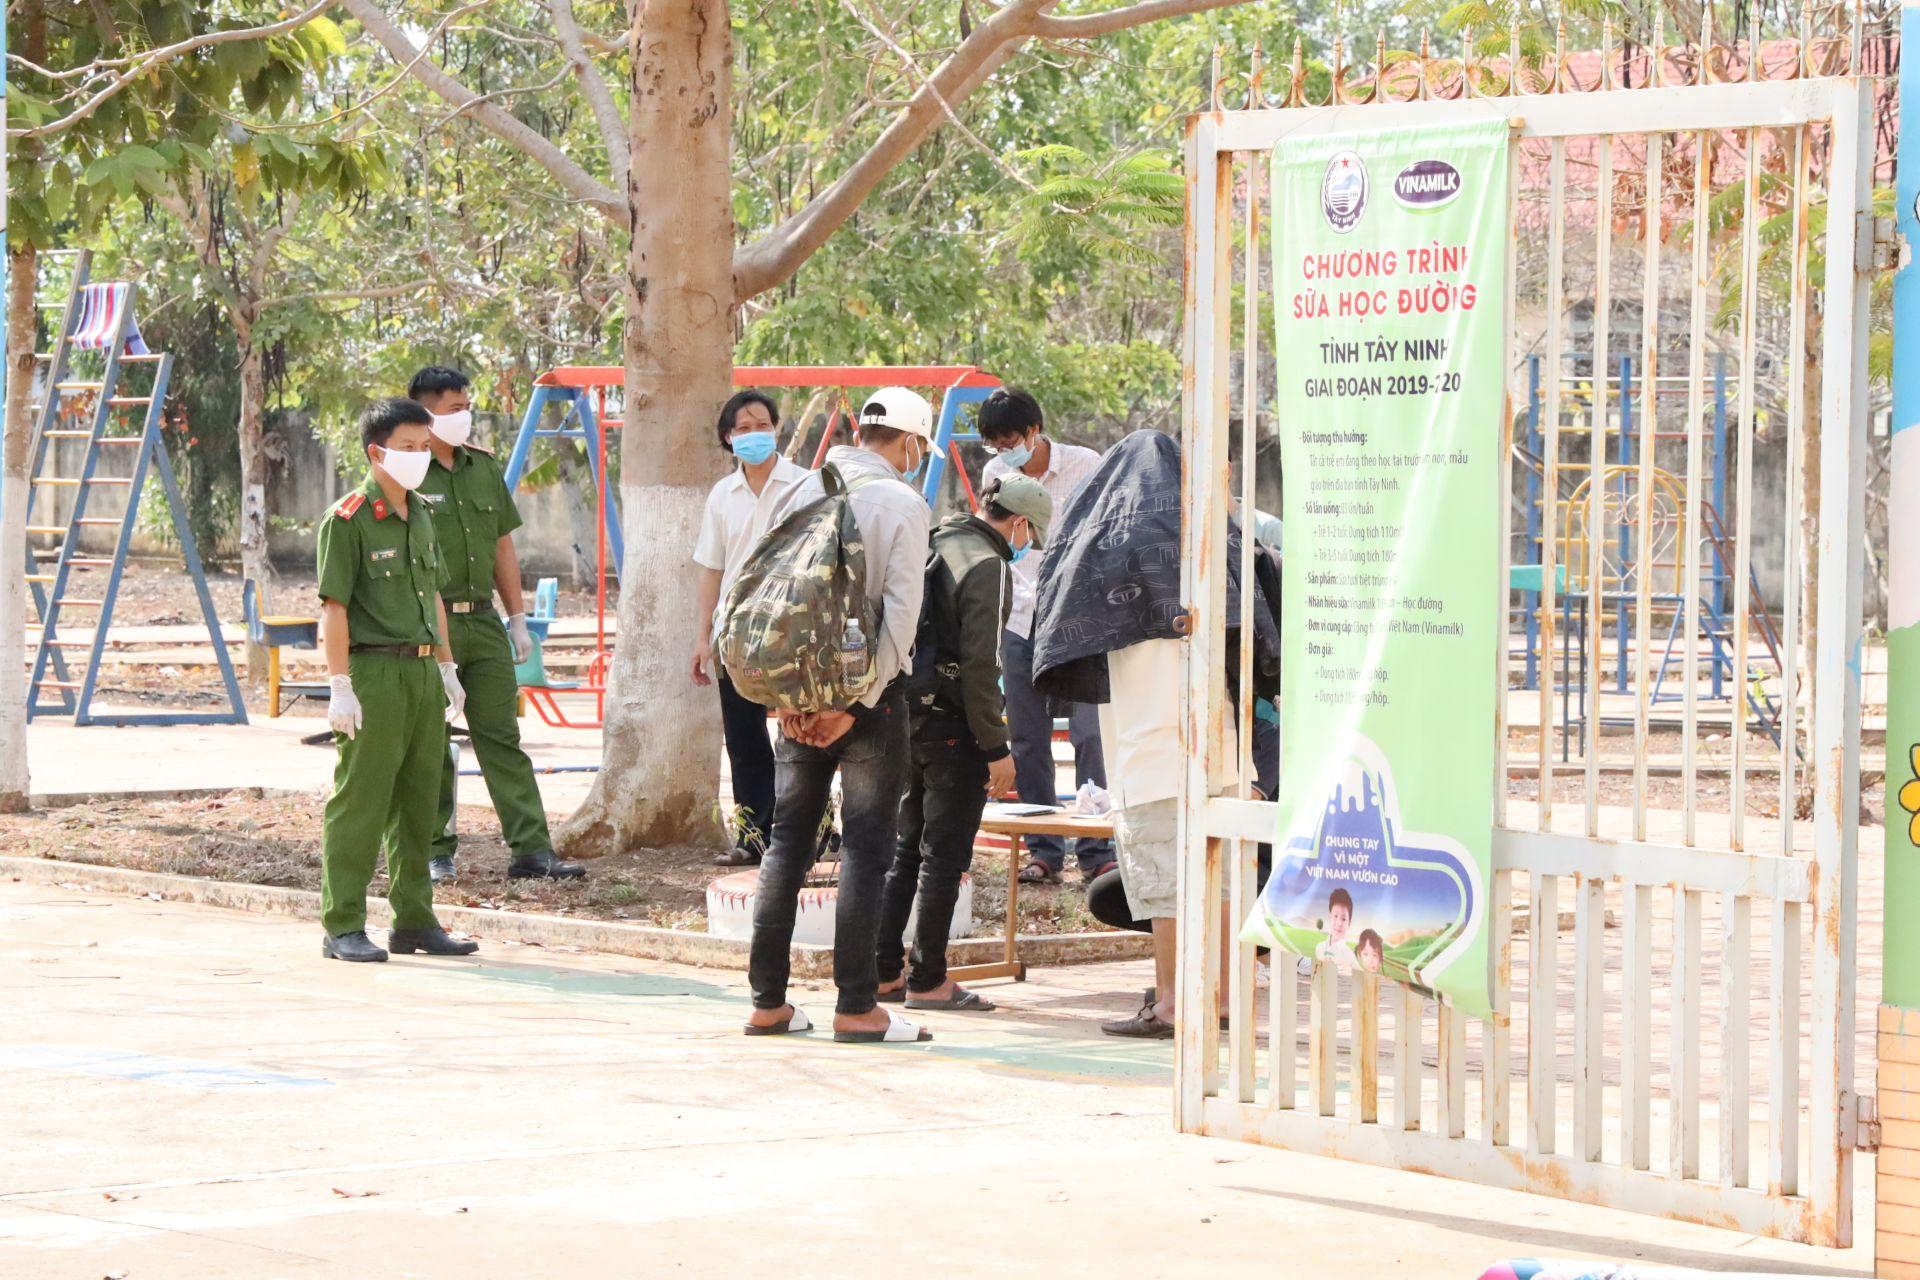 Công an Tây Ninh đảm bảo ANTT tại khu vực cách ly dịch bệnh Covid-19 - Báo Tây  Ninh Online